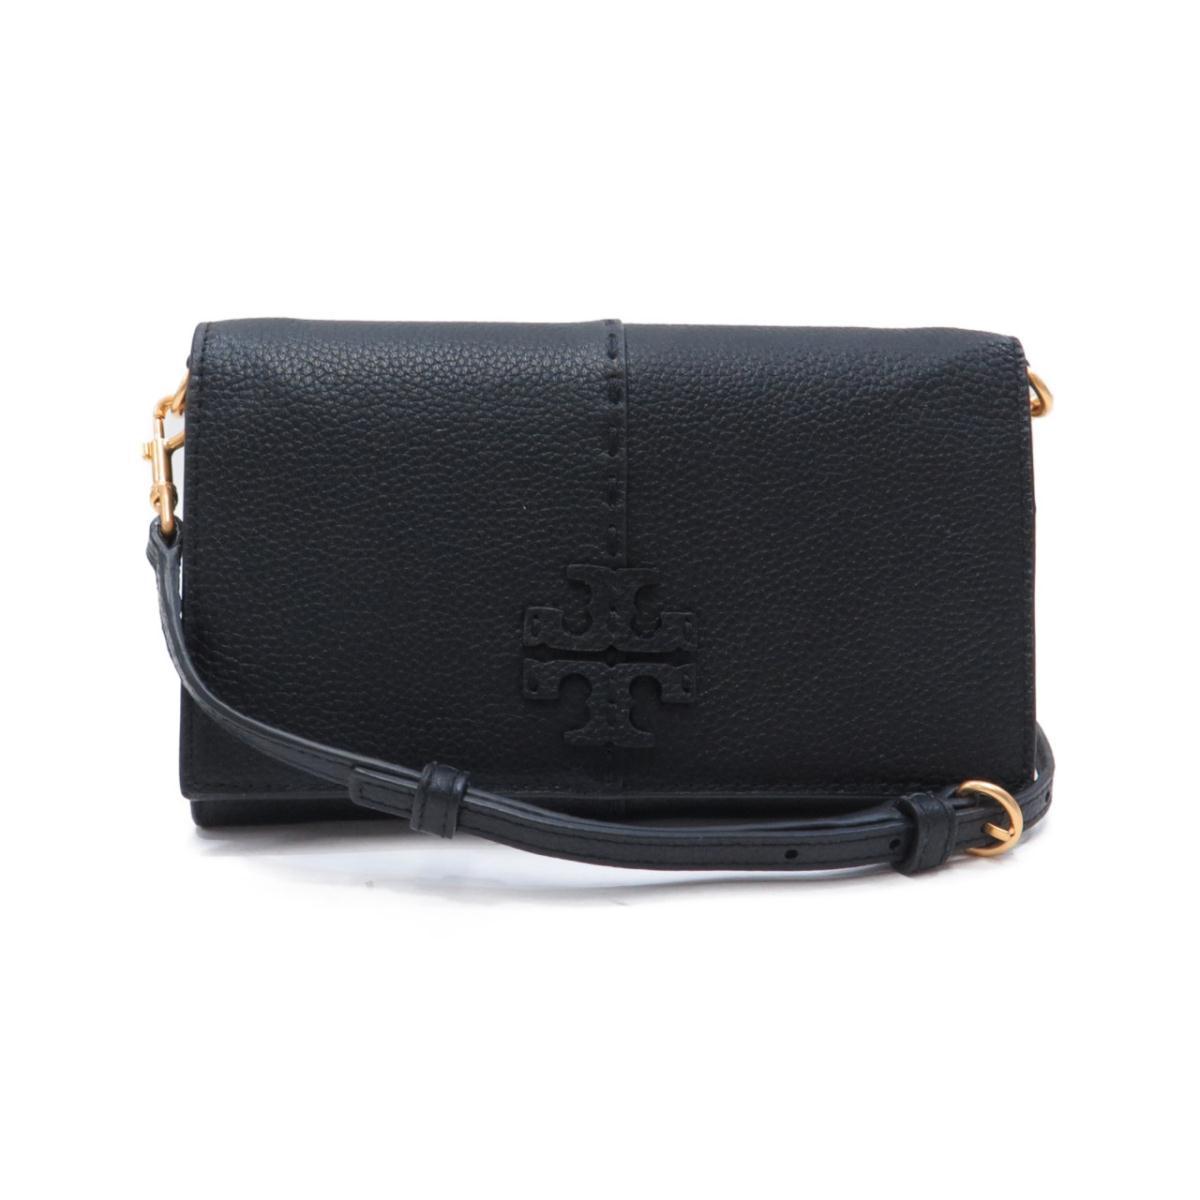 【新品】トリーバーチ 財布 64502【新品】